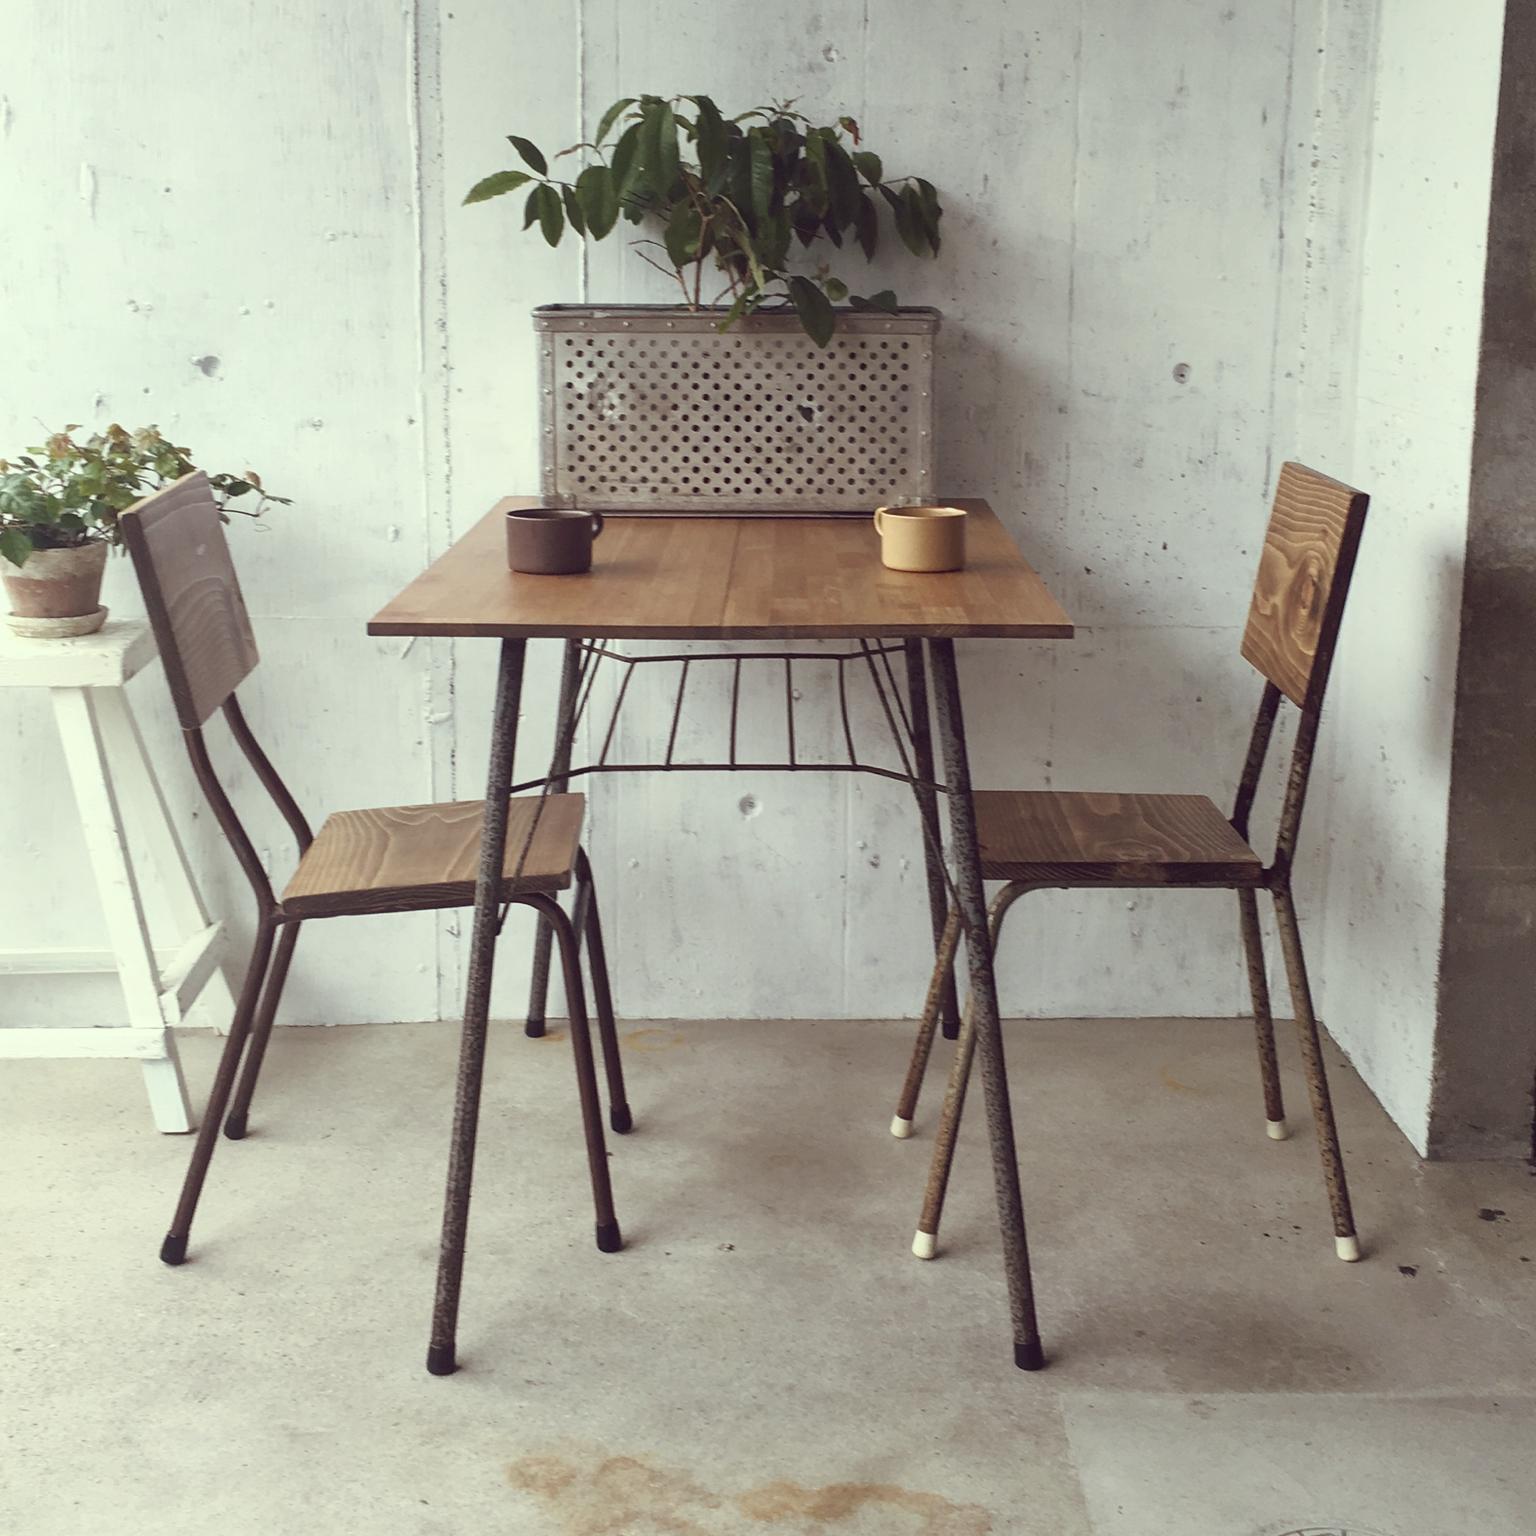 おしゃれなアンティーク調の机と椅子が手に入るショップはどこ?のサムネイル画像